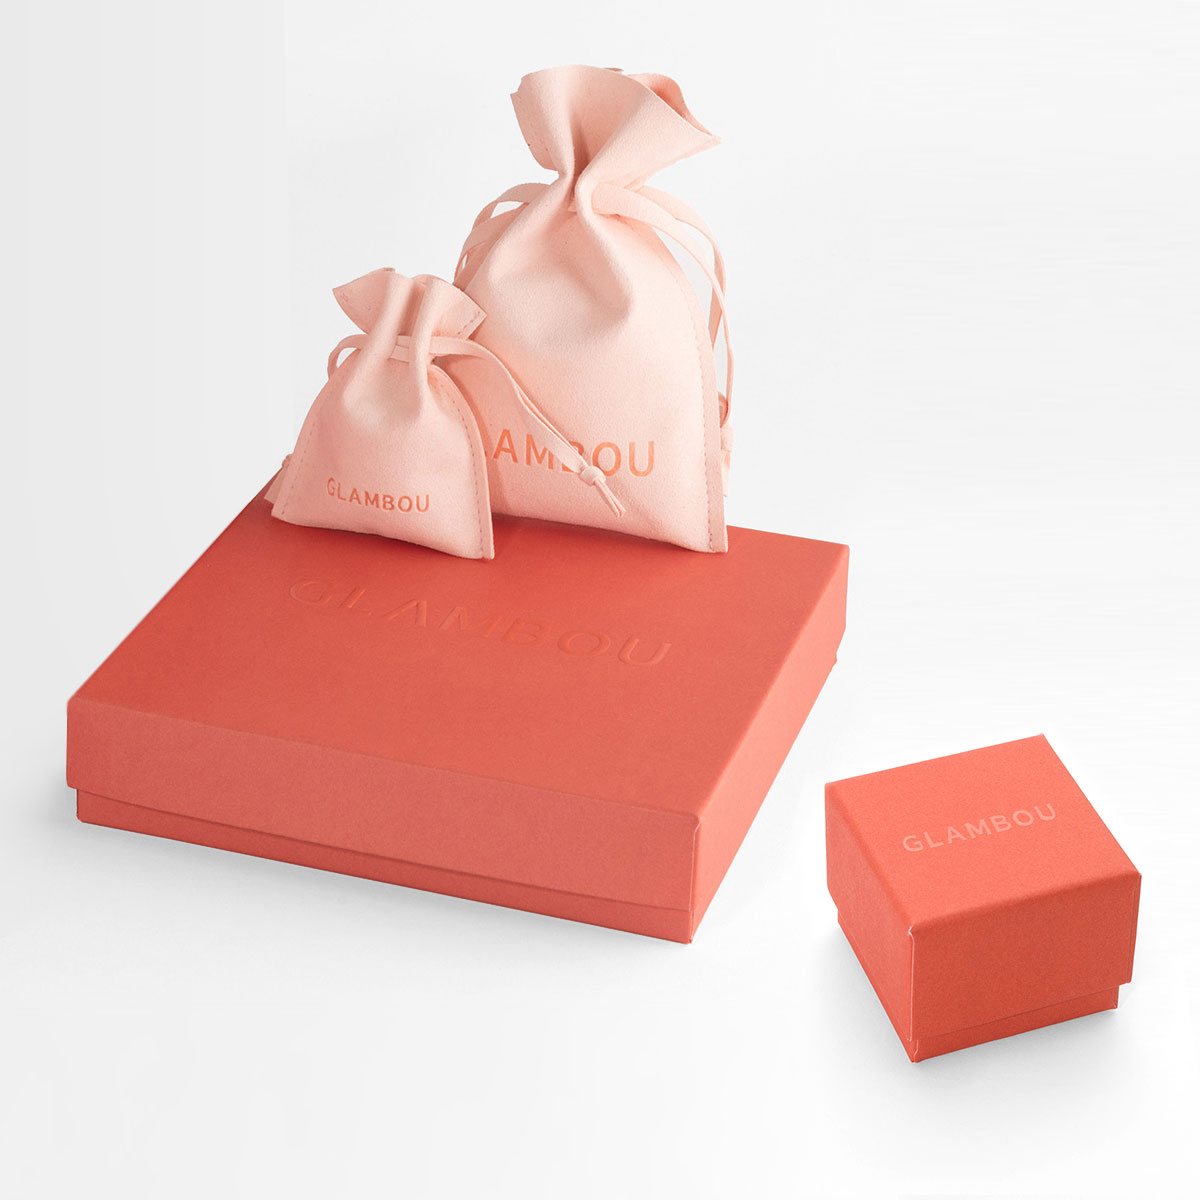 Paket gesetzt